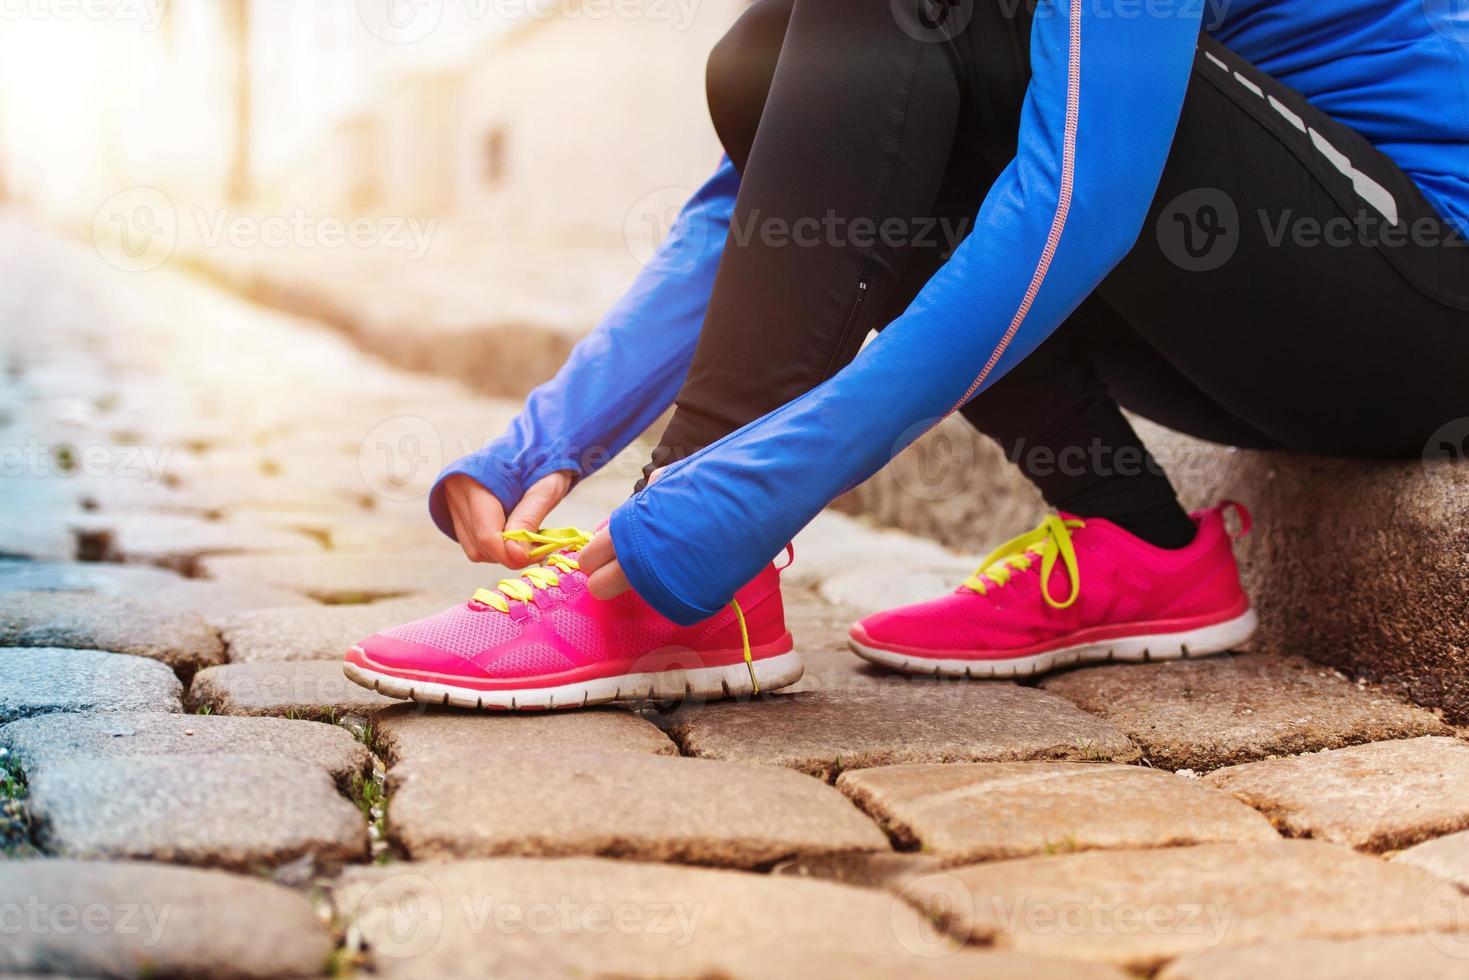 jovem amarrando o tênis rosa para se preparar para uma corrida foto